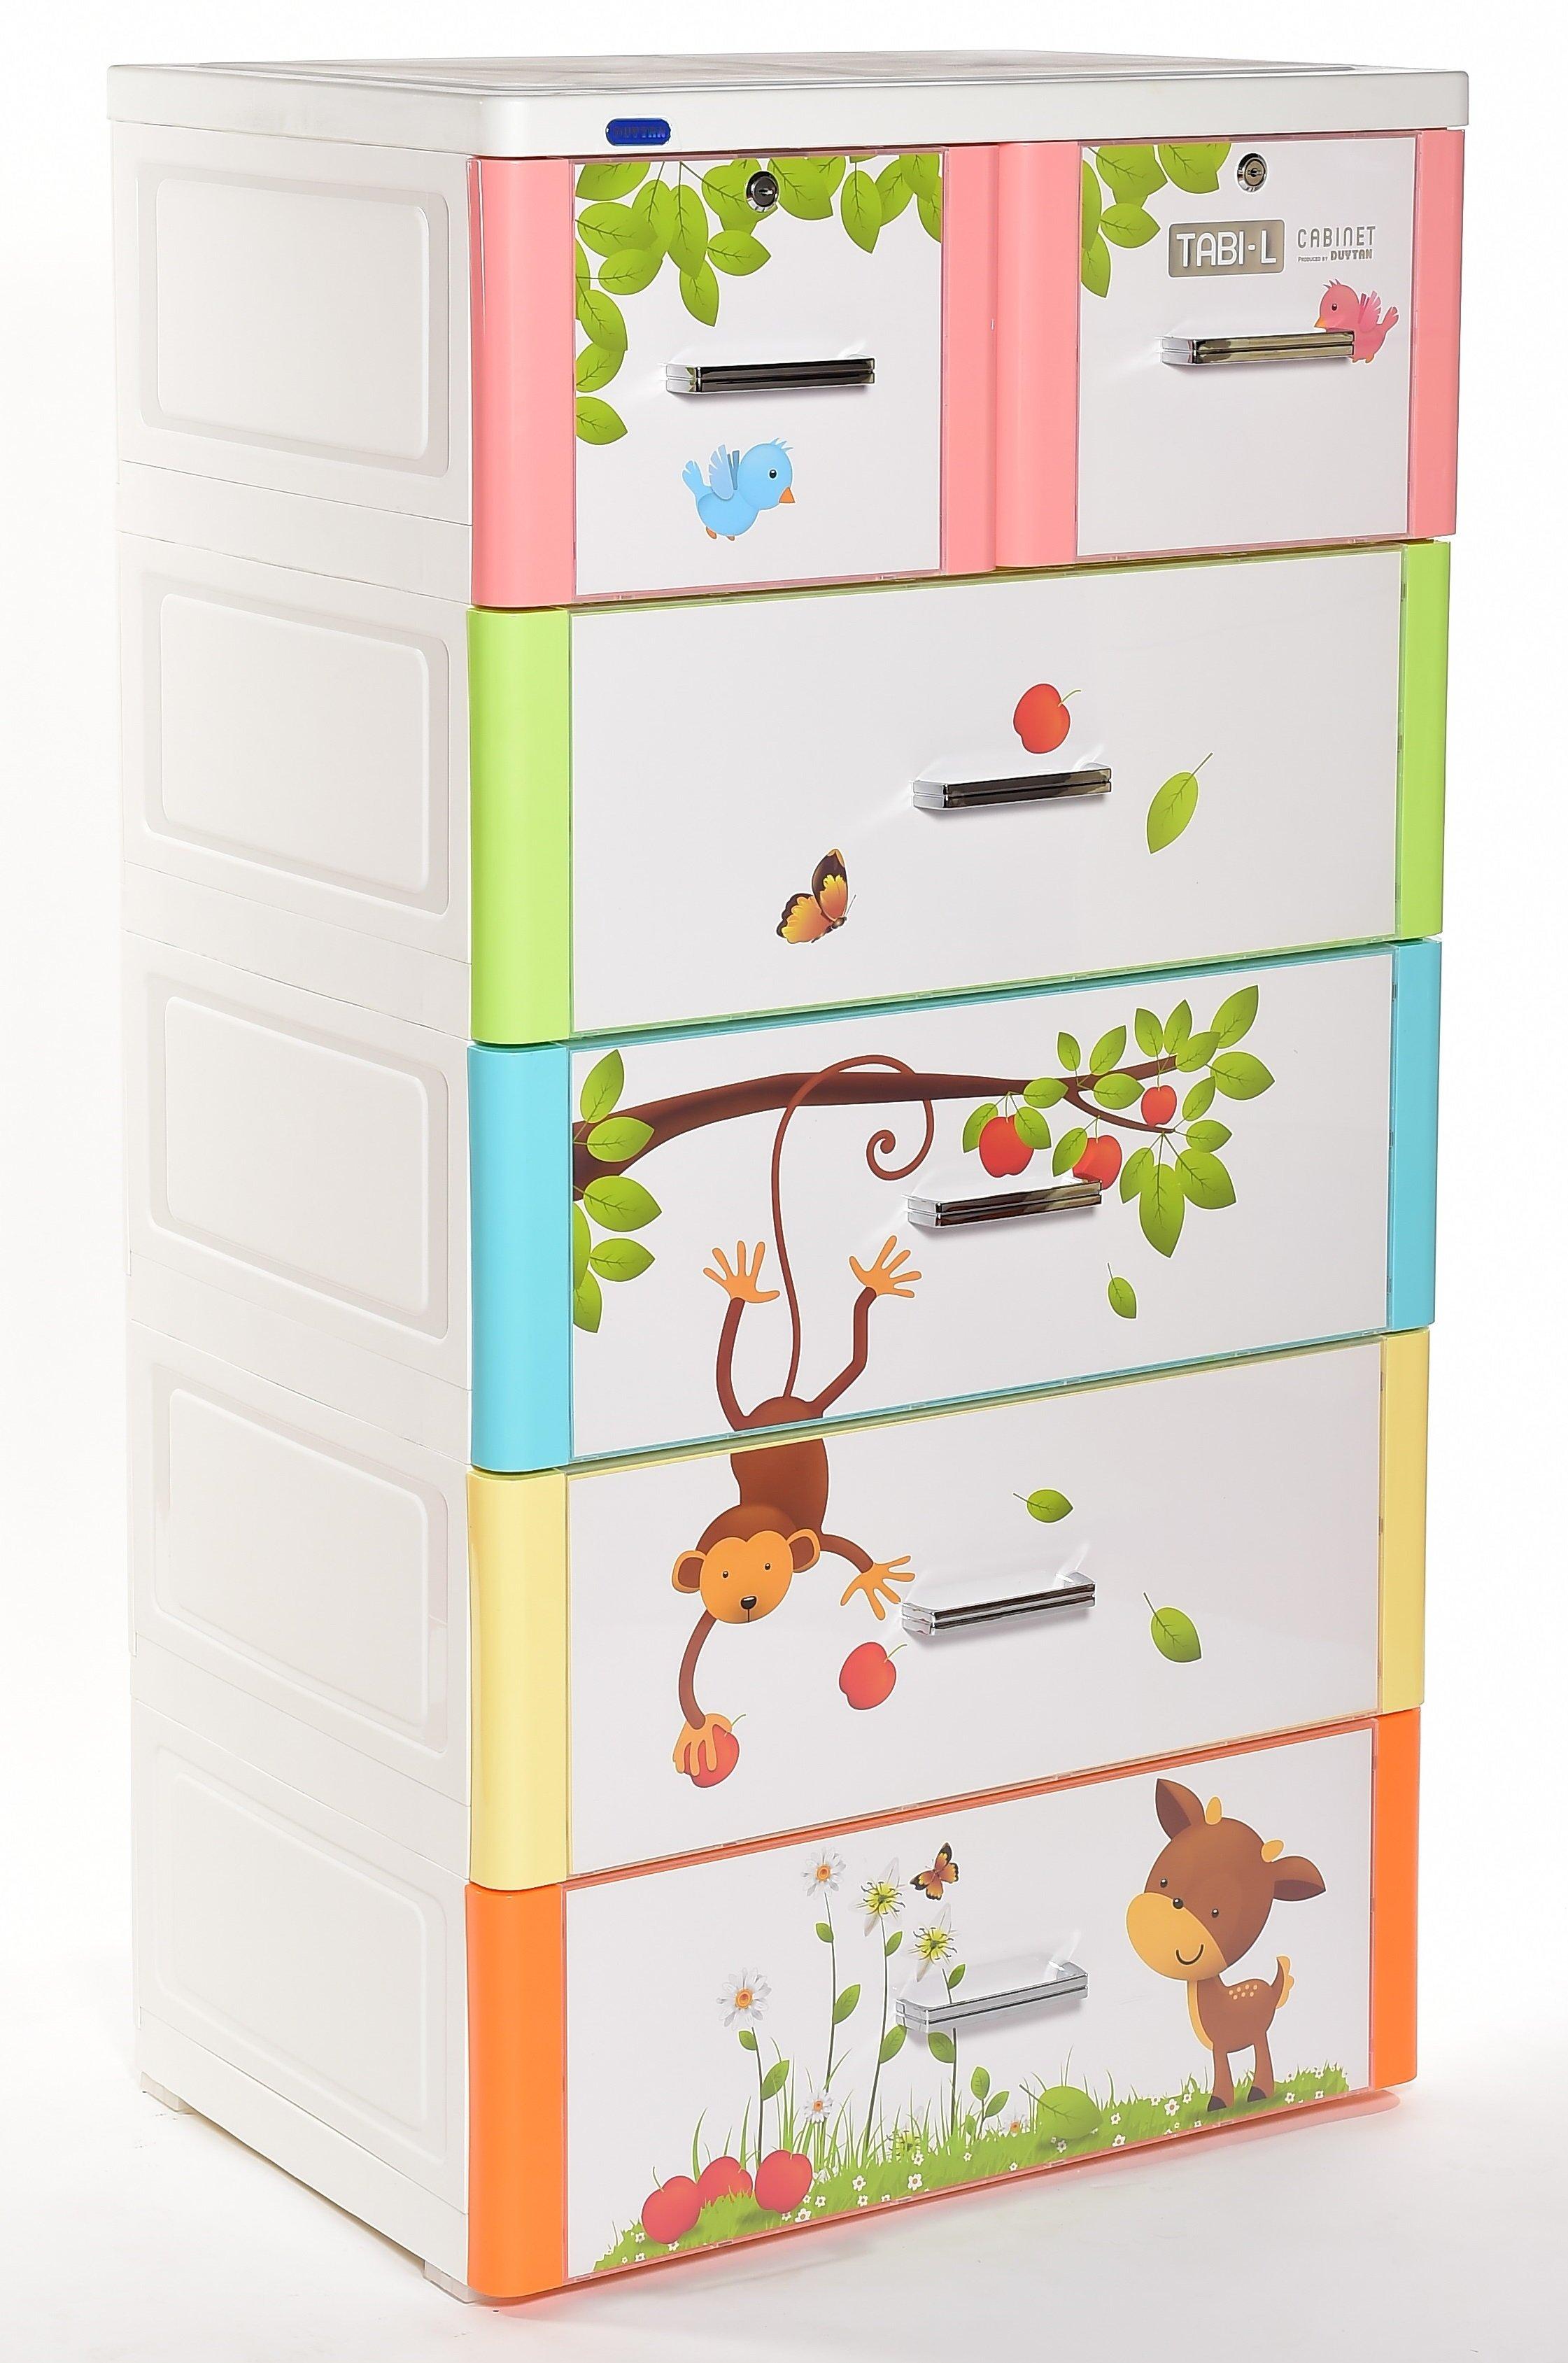 tủ nhựa duy tân 5 tầng 6 ngăn  tabi L là thiết kế nhiều ngăn, có khóa đóng mở